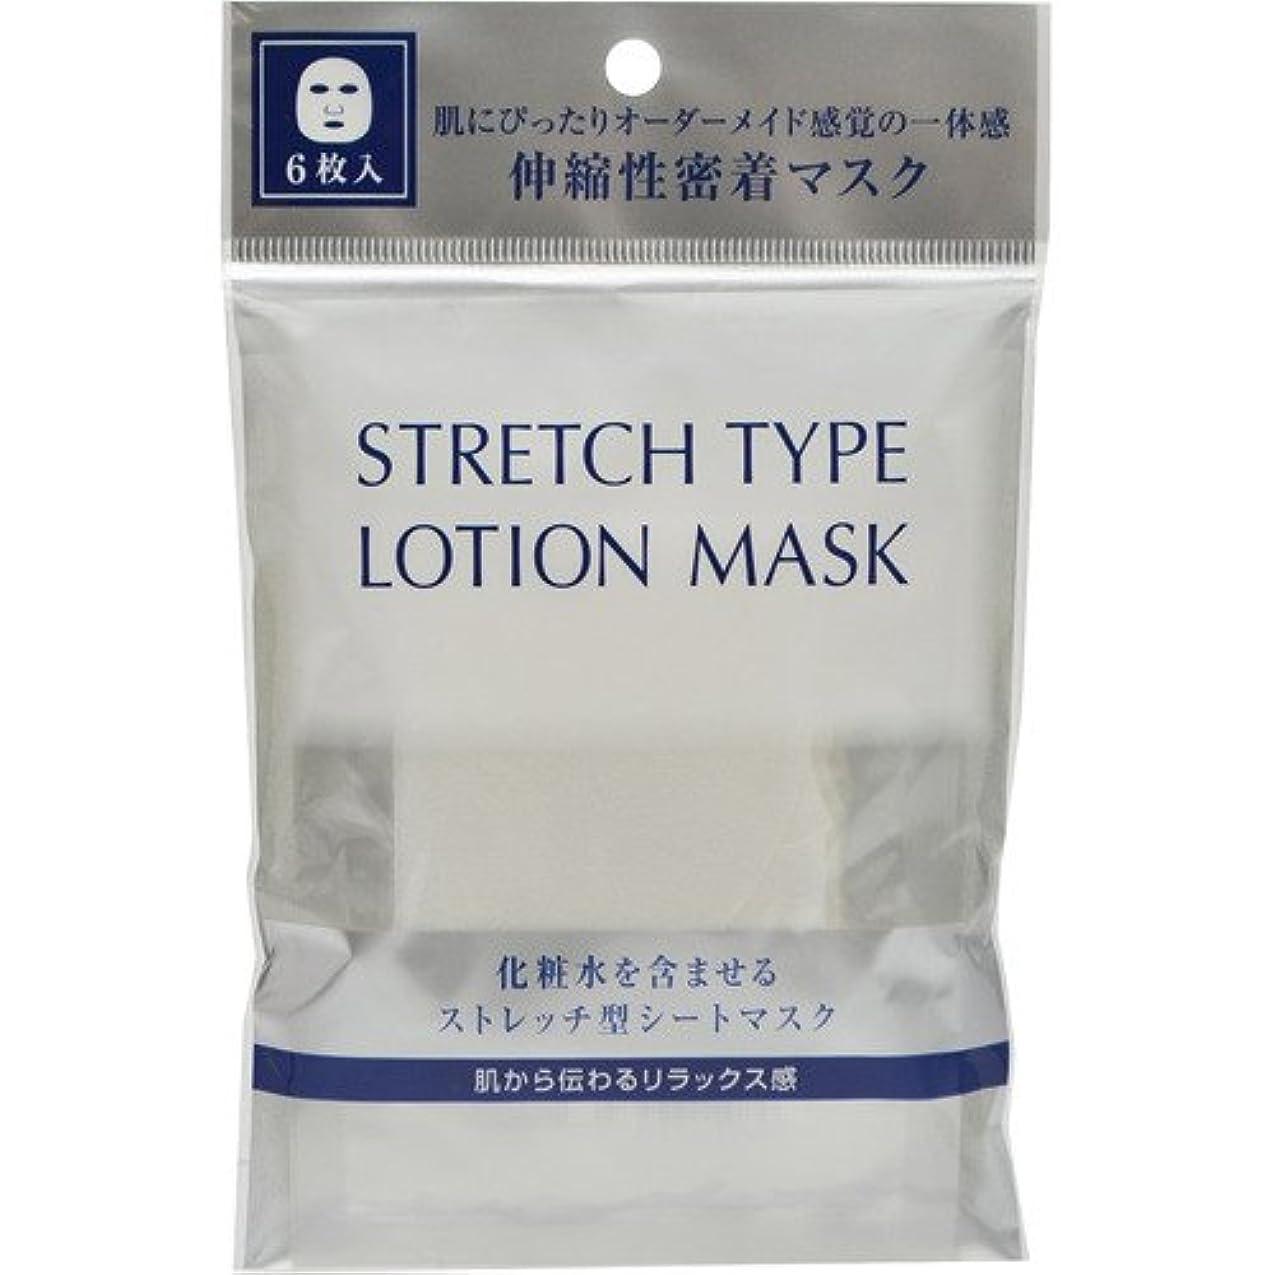 未満苦痛投票コーセー 雪肌精 シュープレム ローションマスク (ストレッチシートタイプ) 6枚入り